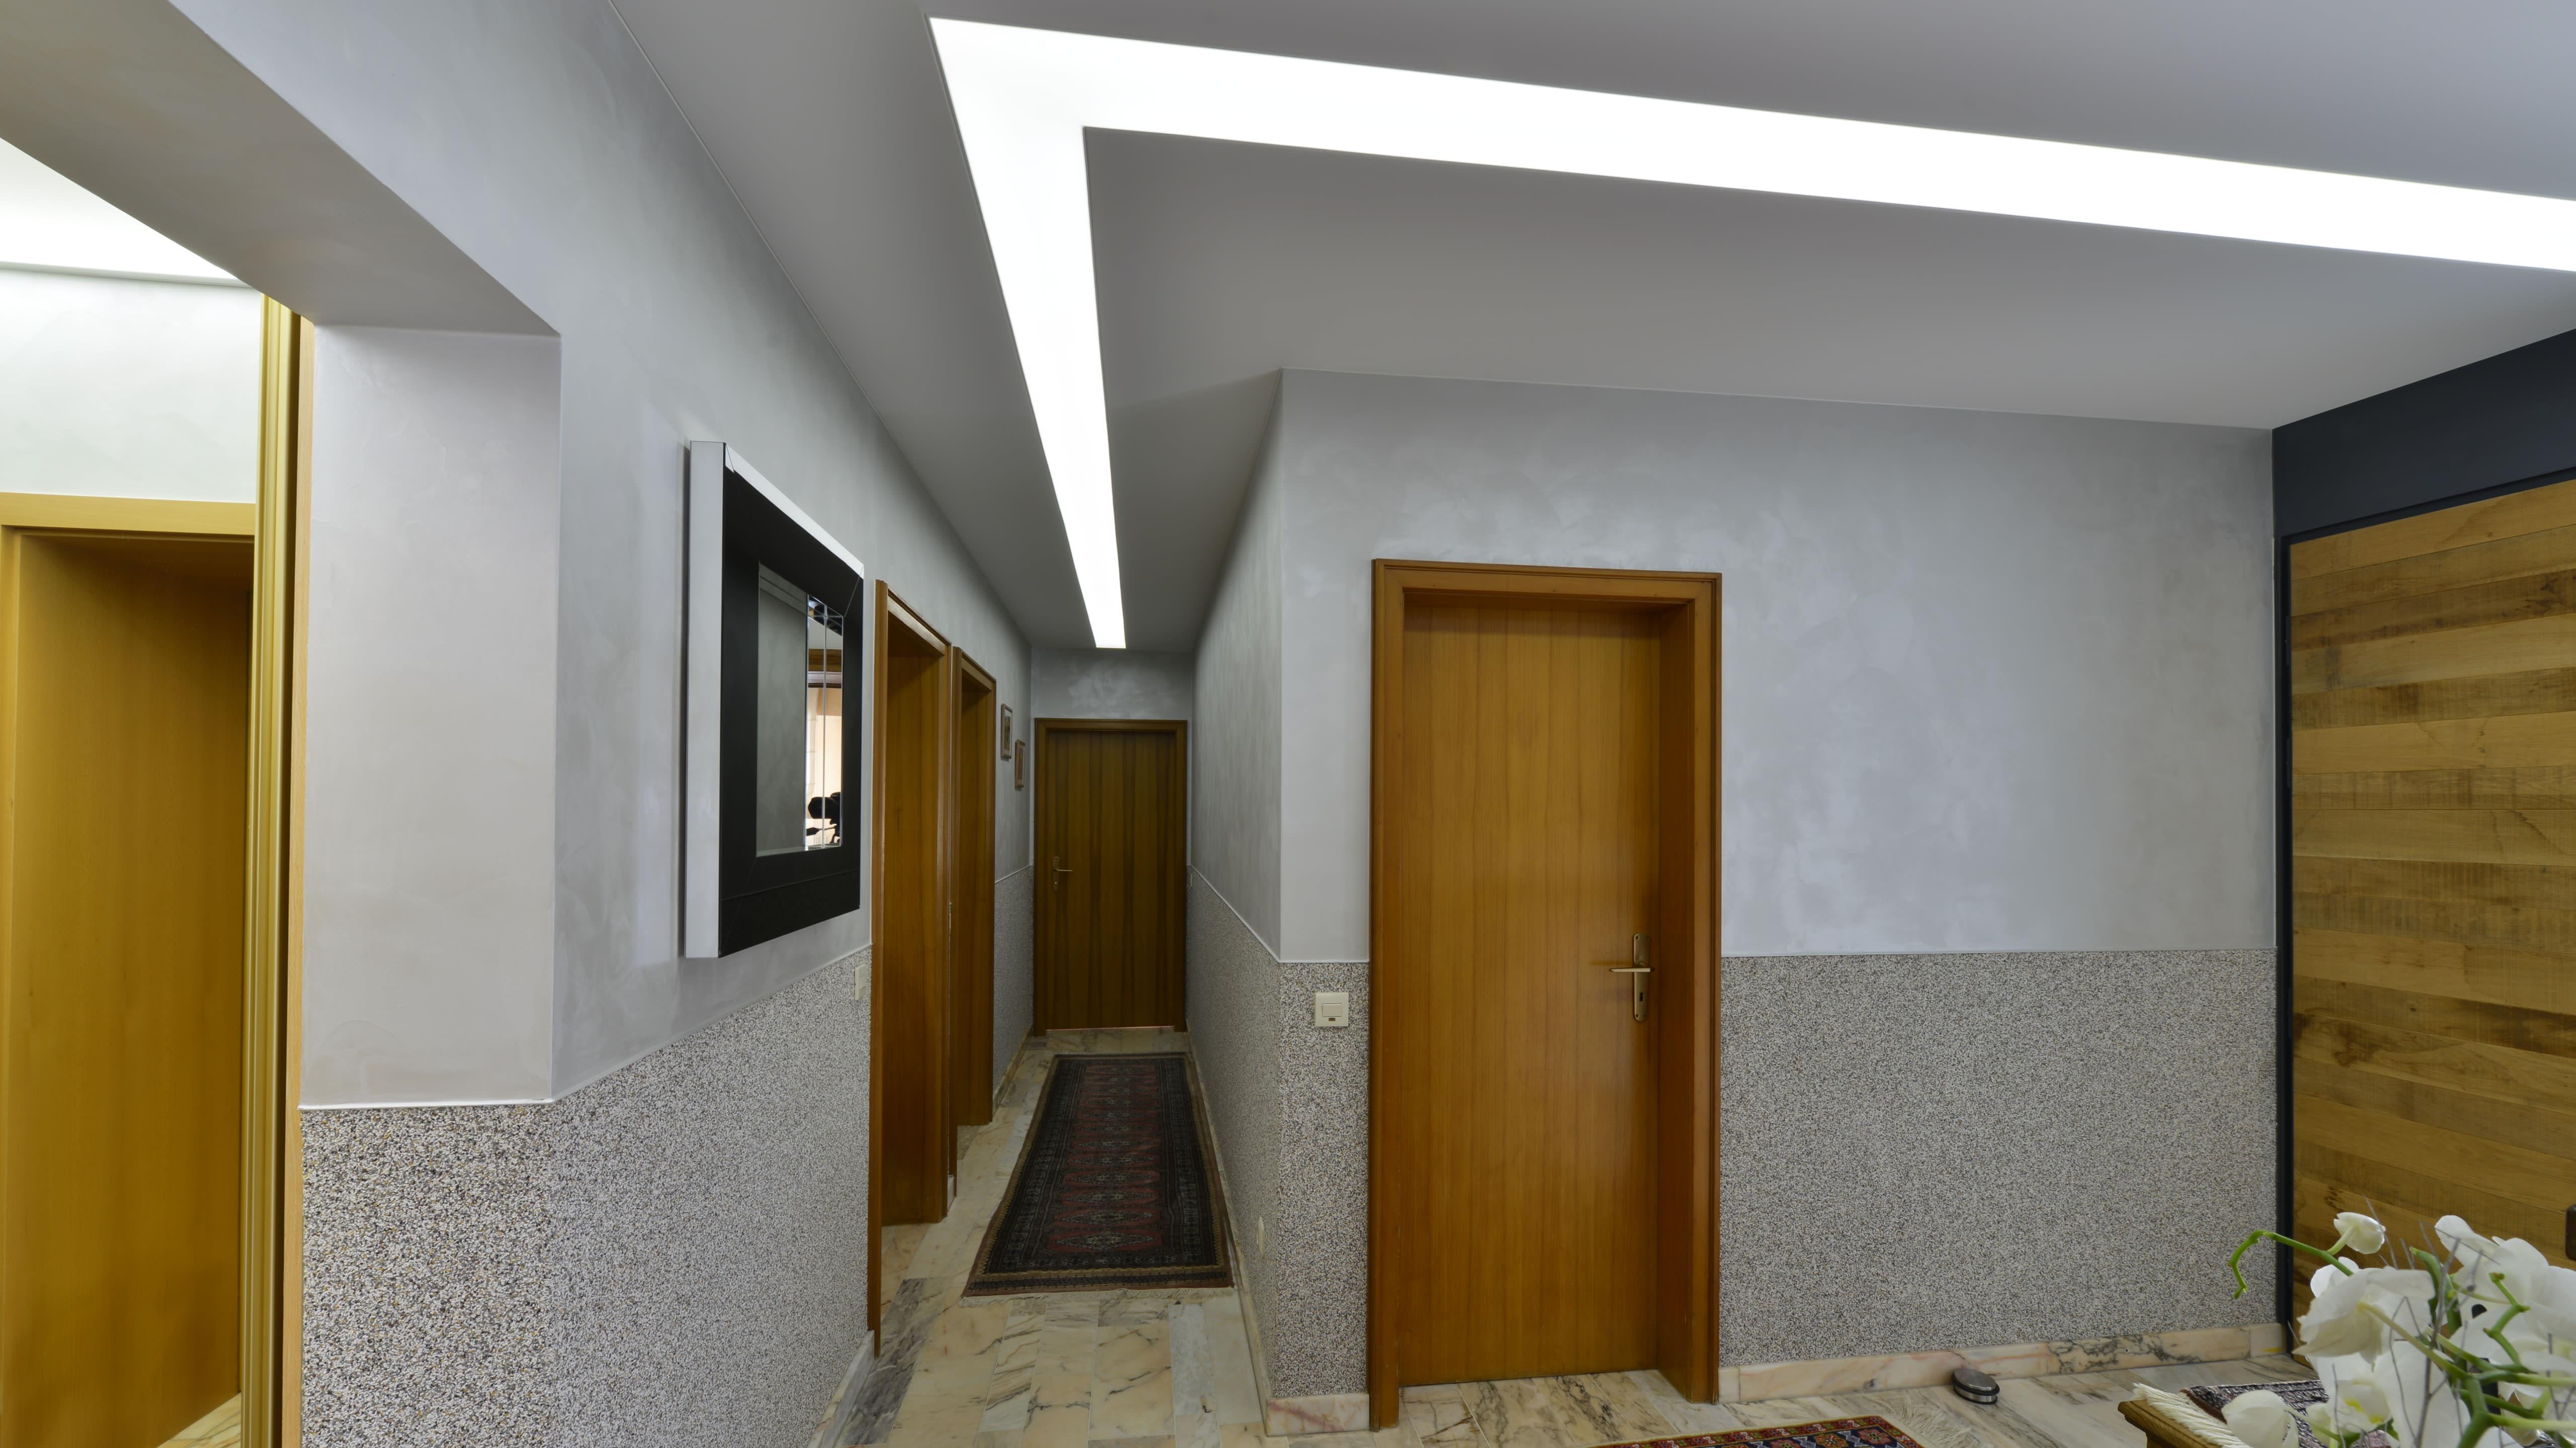 Deckenverschönerung im privaten Flur mit Beleuchtung